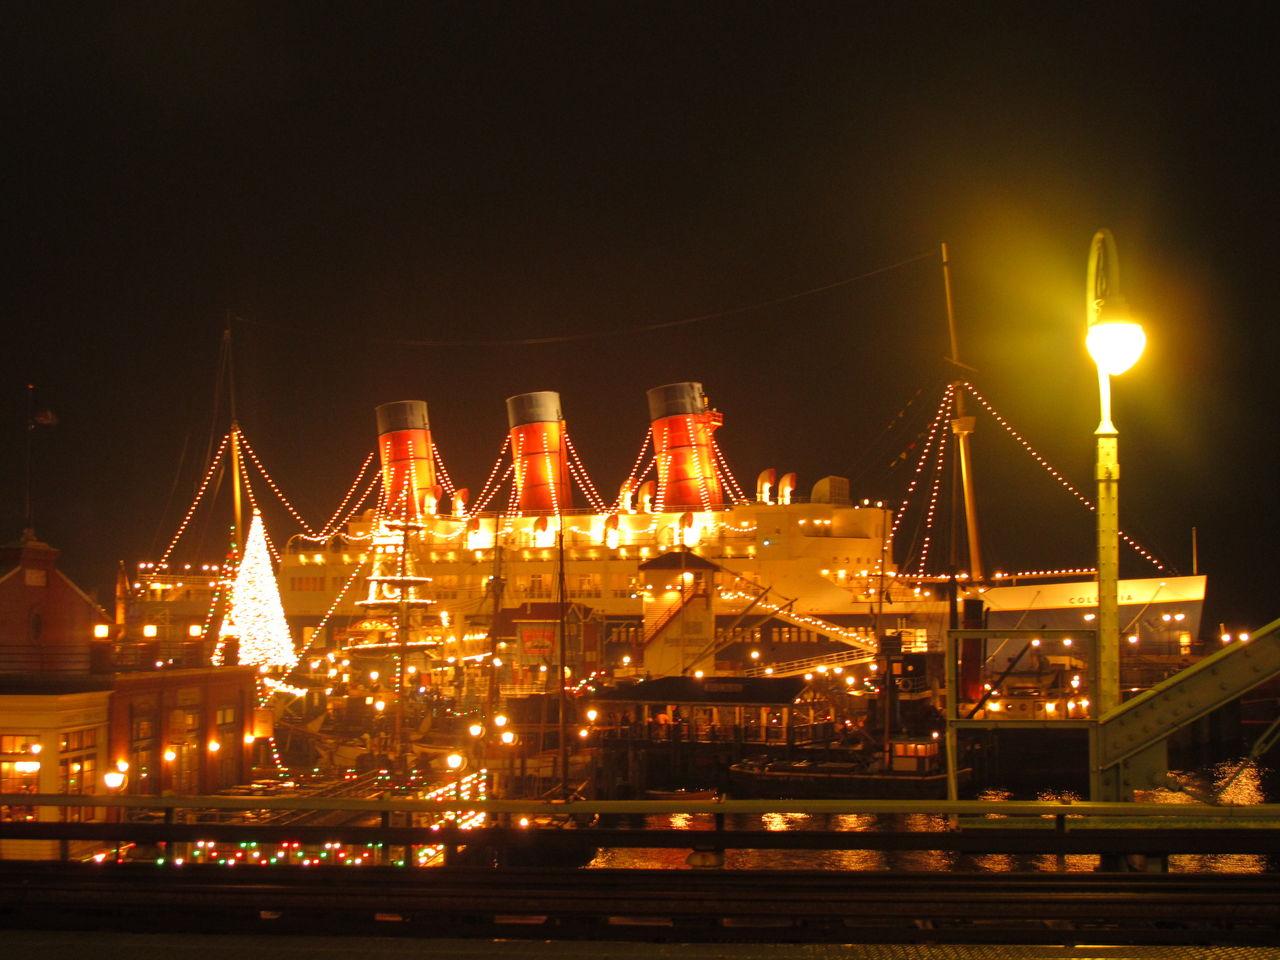 東京ディズニーシー ぶらりクリスマス 夜のアメリカンウォーター